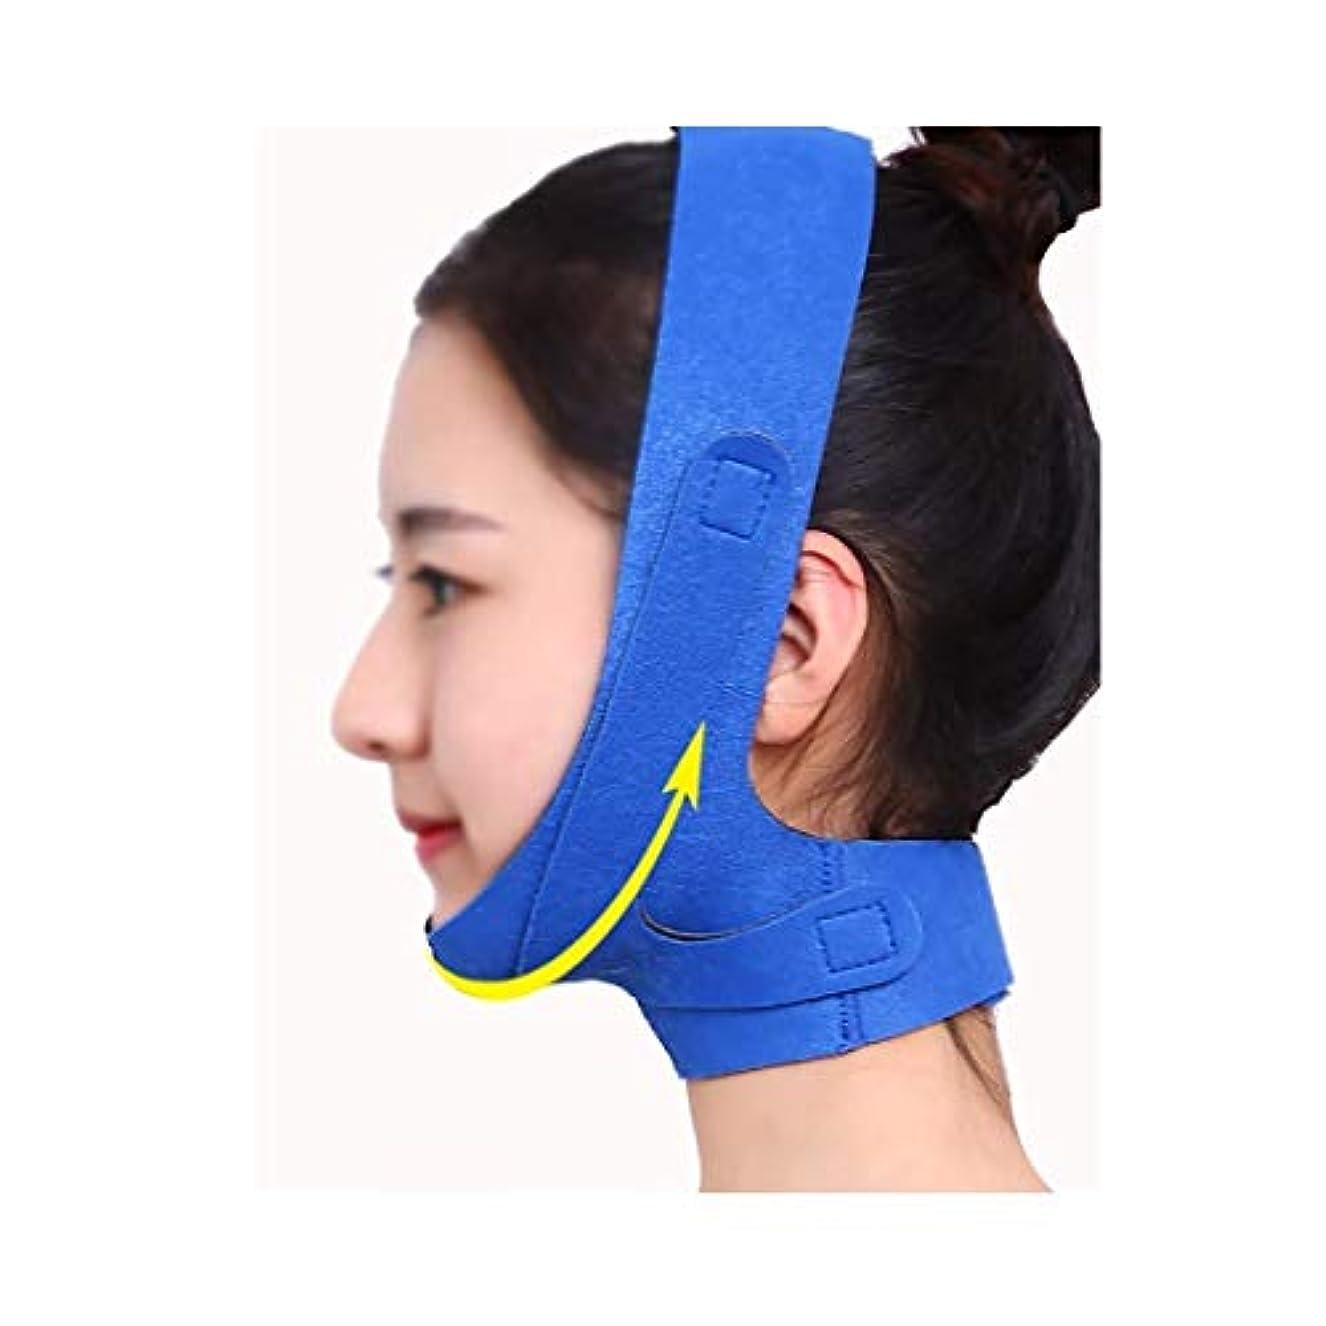 彼女の父方の前提条件フェイスリフトマスク、あごストラップ回復包帯睡眠薄いフェイスバンデージ薄いフェイスマスクフェイスリフトアーティファクトフェイスリフト美容マスク包帯青いフェイスマスクで小さなV顔を強化するには